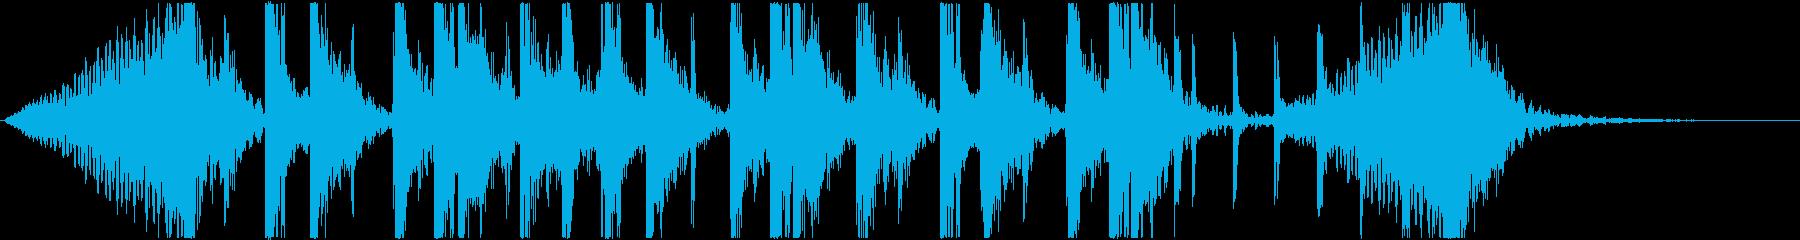 オープニングに最適な躍動感あるジングル4の再生済みの波形